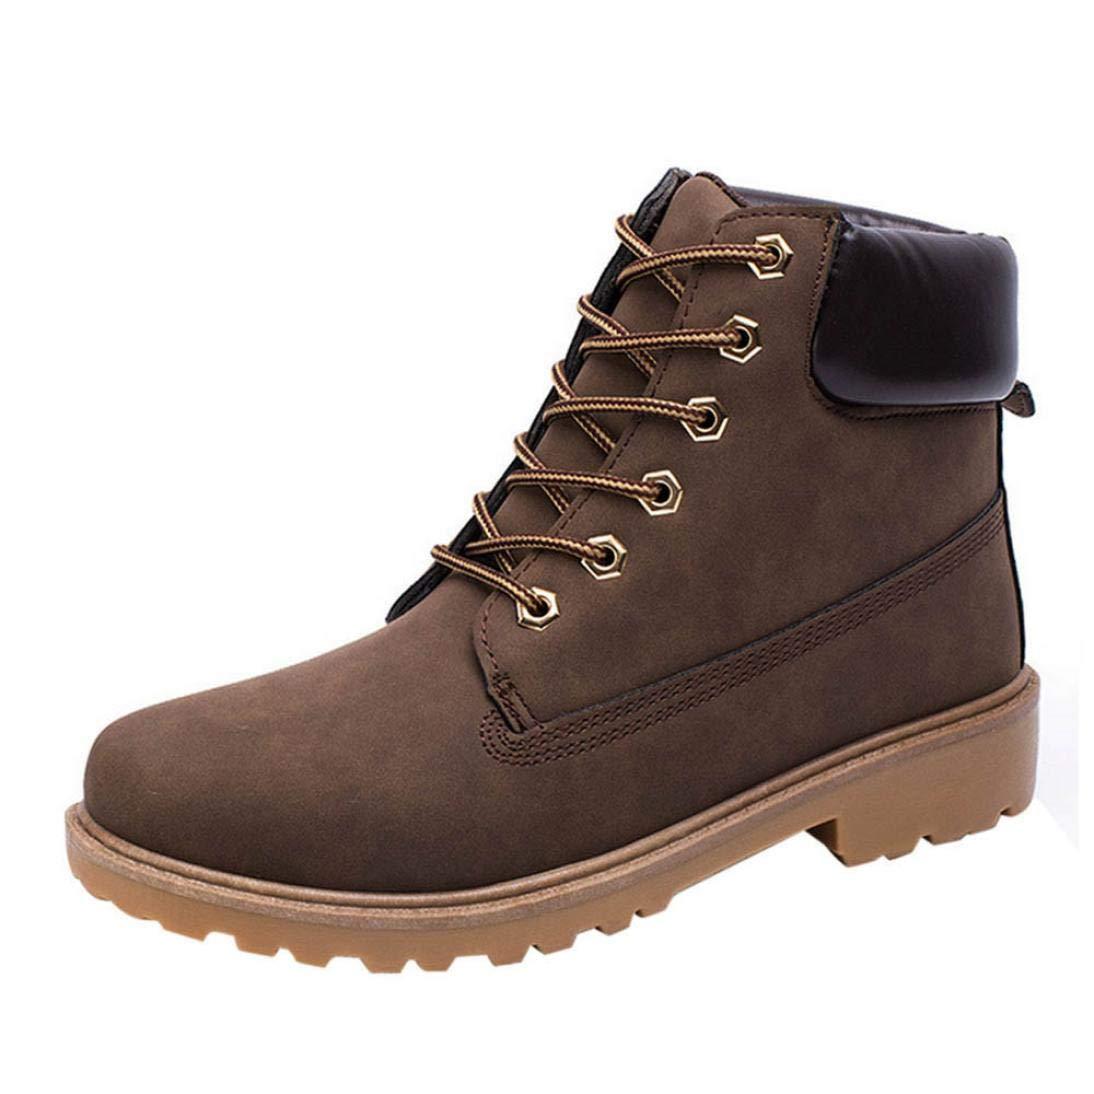 WWricotta LuckyGirls Zapatillas Casual Hombres Botas Pieles Forradas de Caña Alta Moda Cómodas Calzado Andar Zapatos Planos Bambas con Cordones Botas